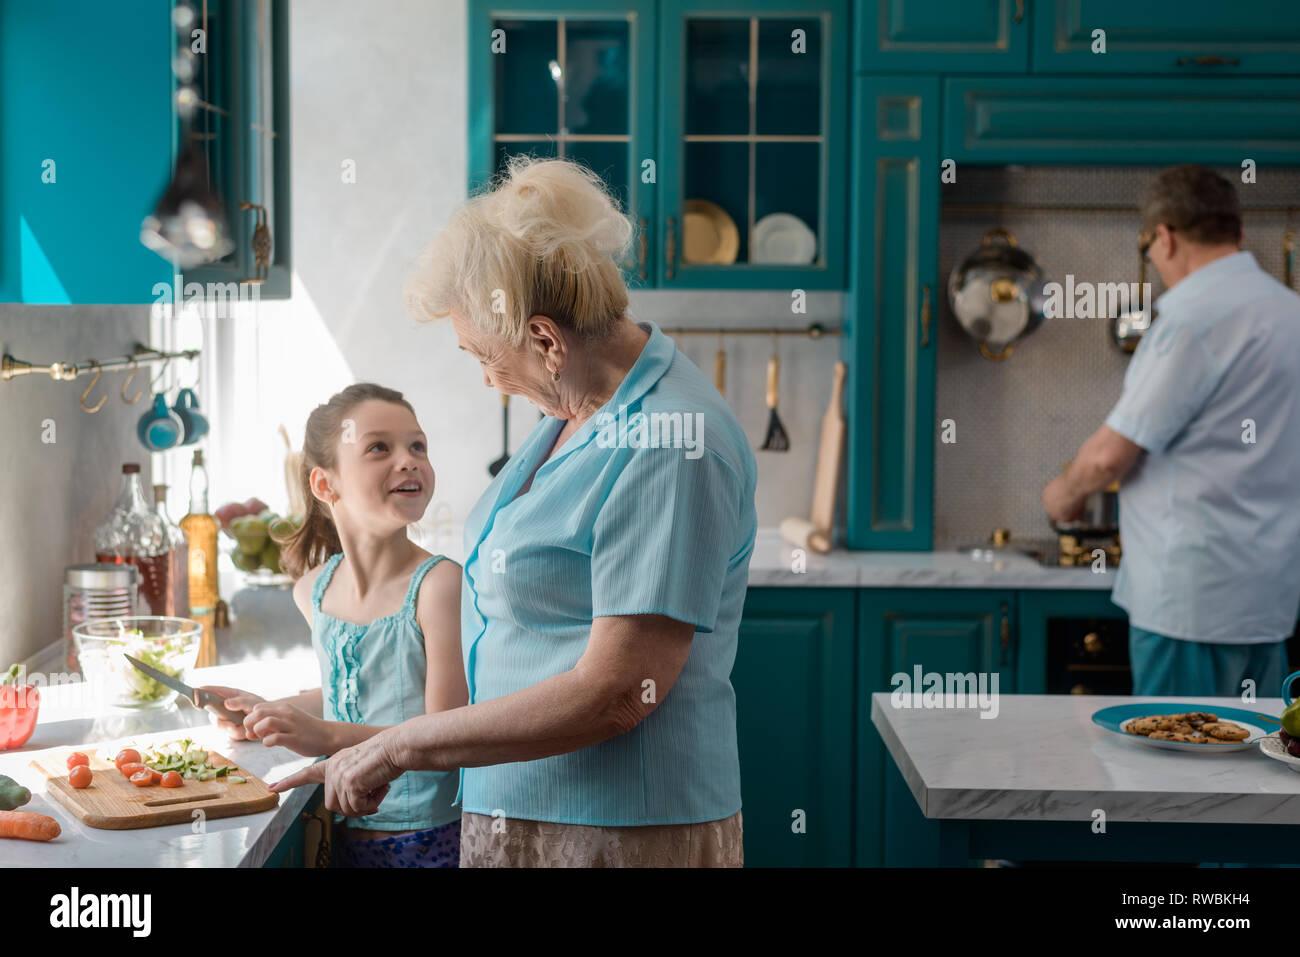 Niña preparar una ensalada Imagen De Stock